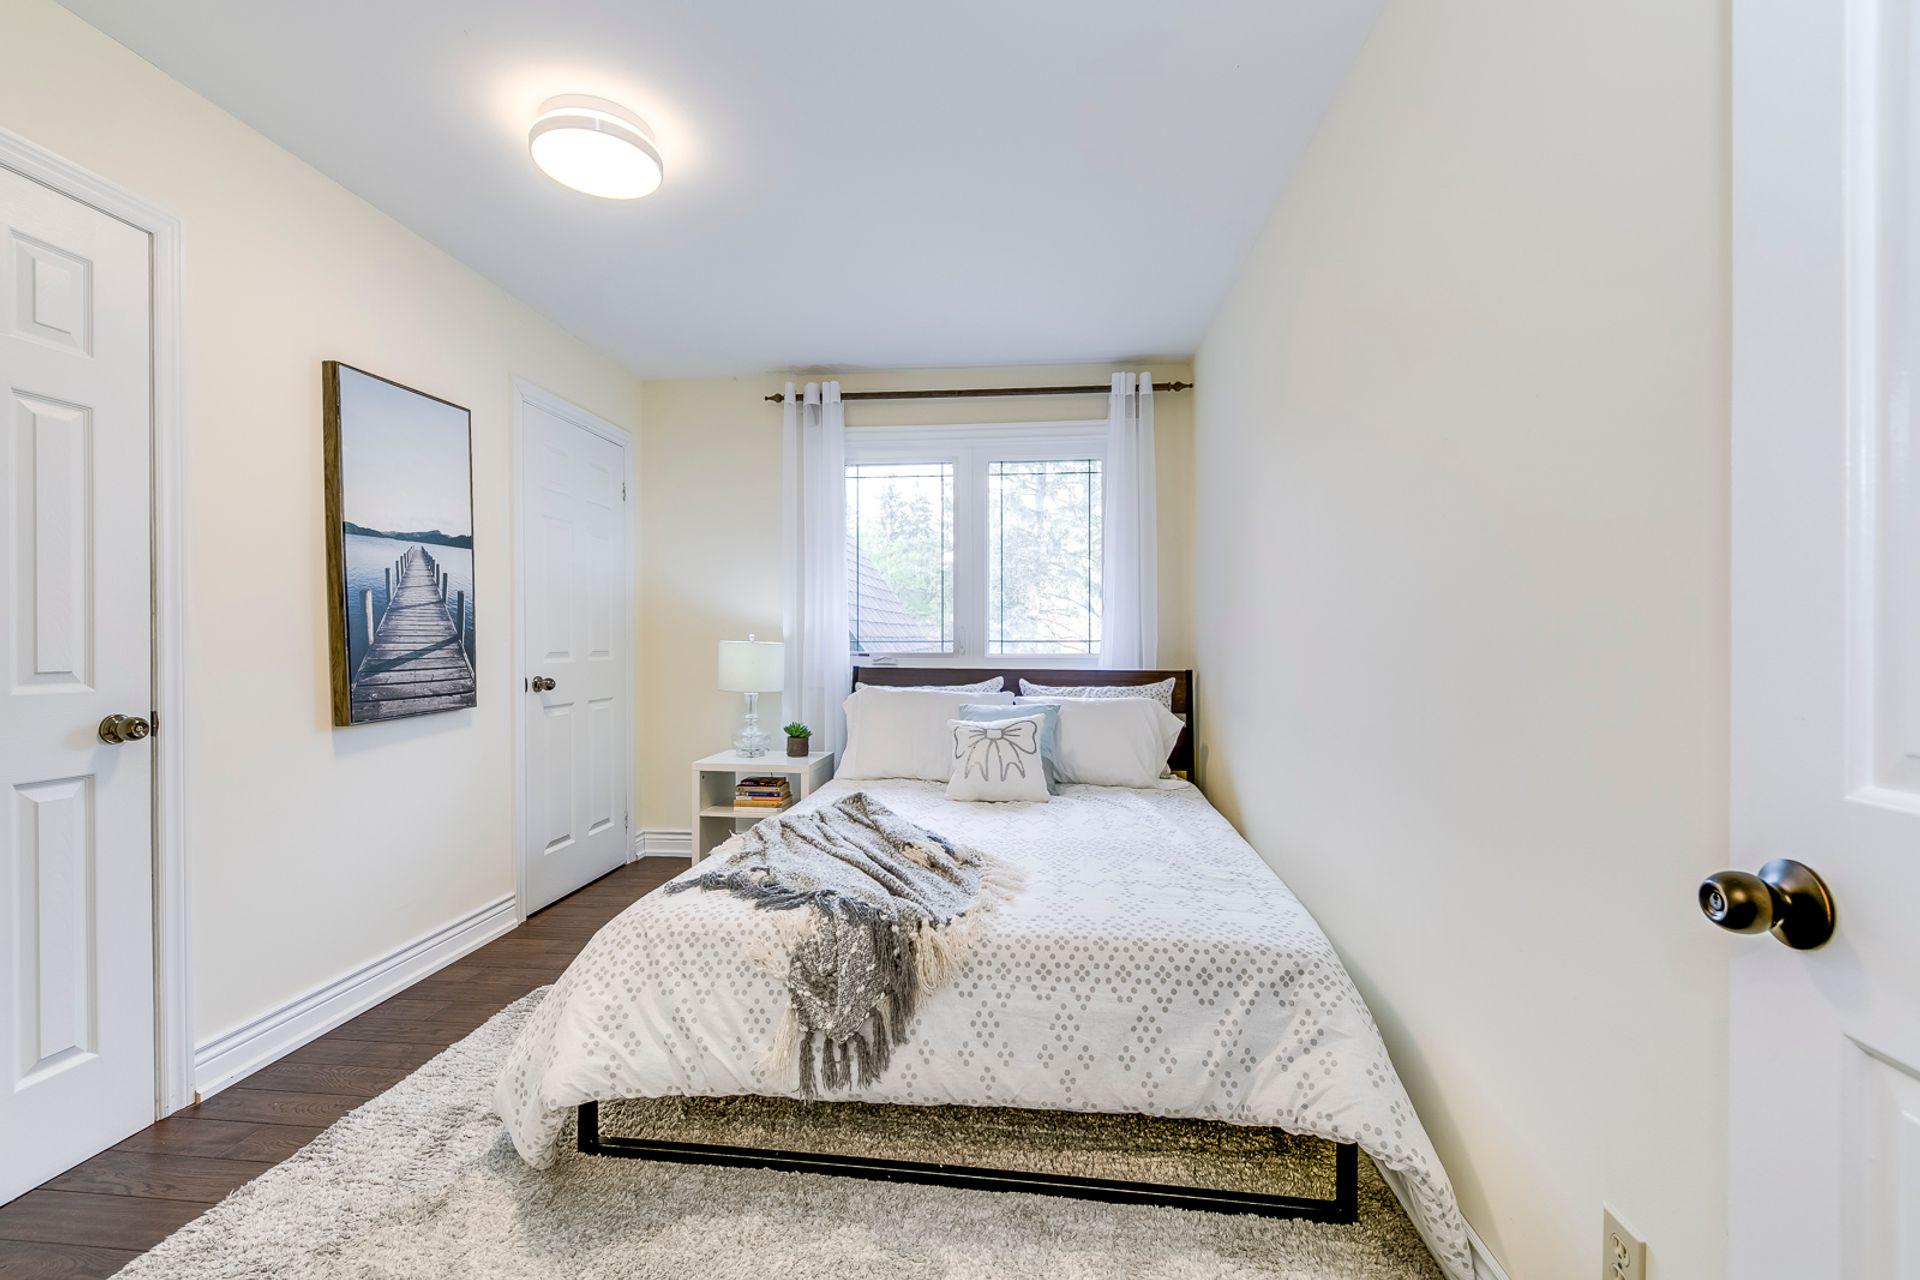 4th Bedroom - 2421 Jarvis St, Mississauga - Elite3 & Team at 2421 Jarvis Street, Airport Corporate, Mississauga